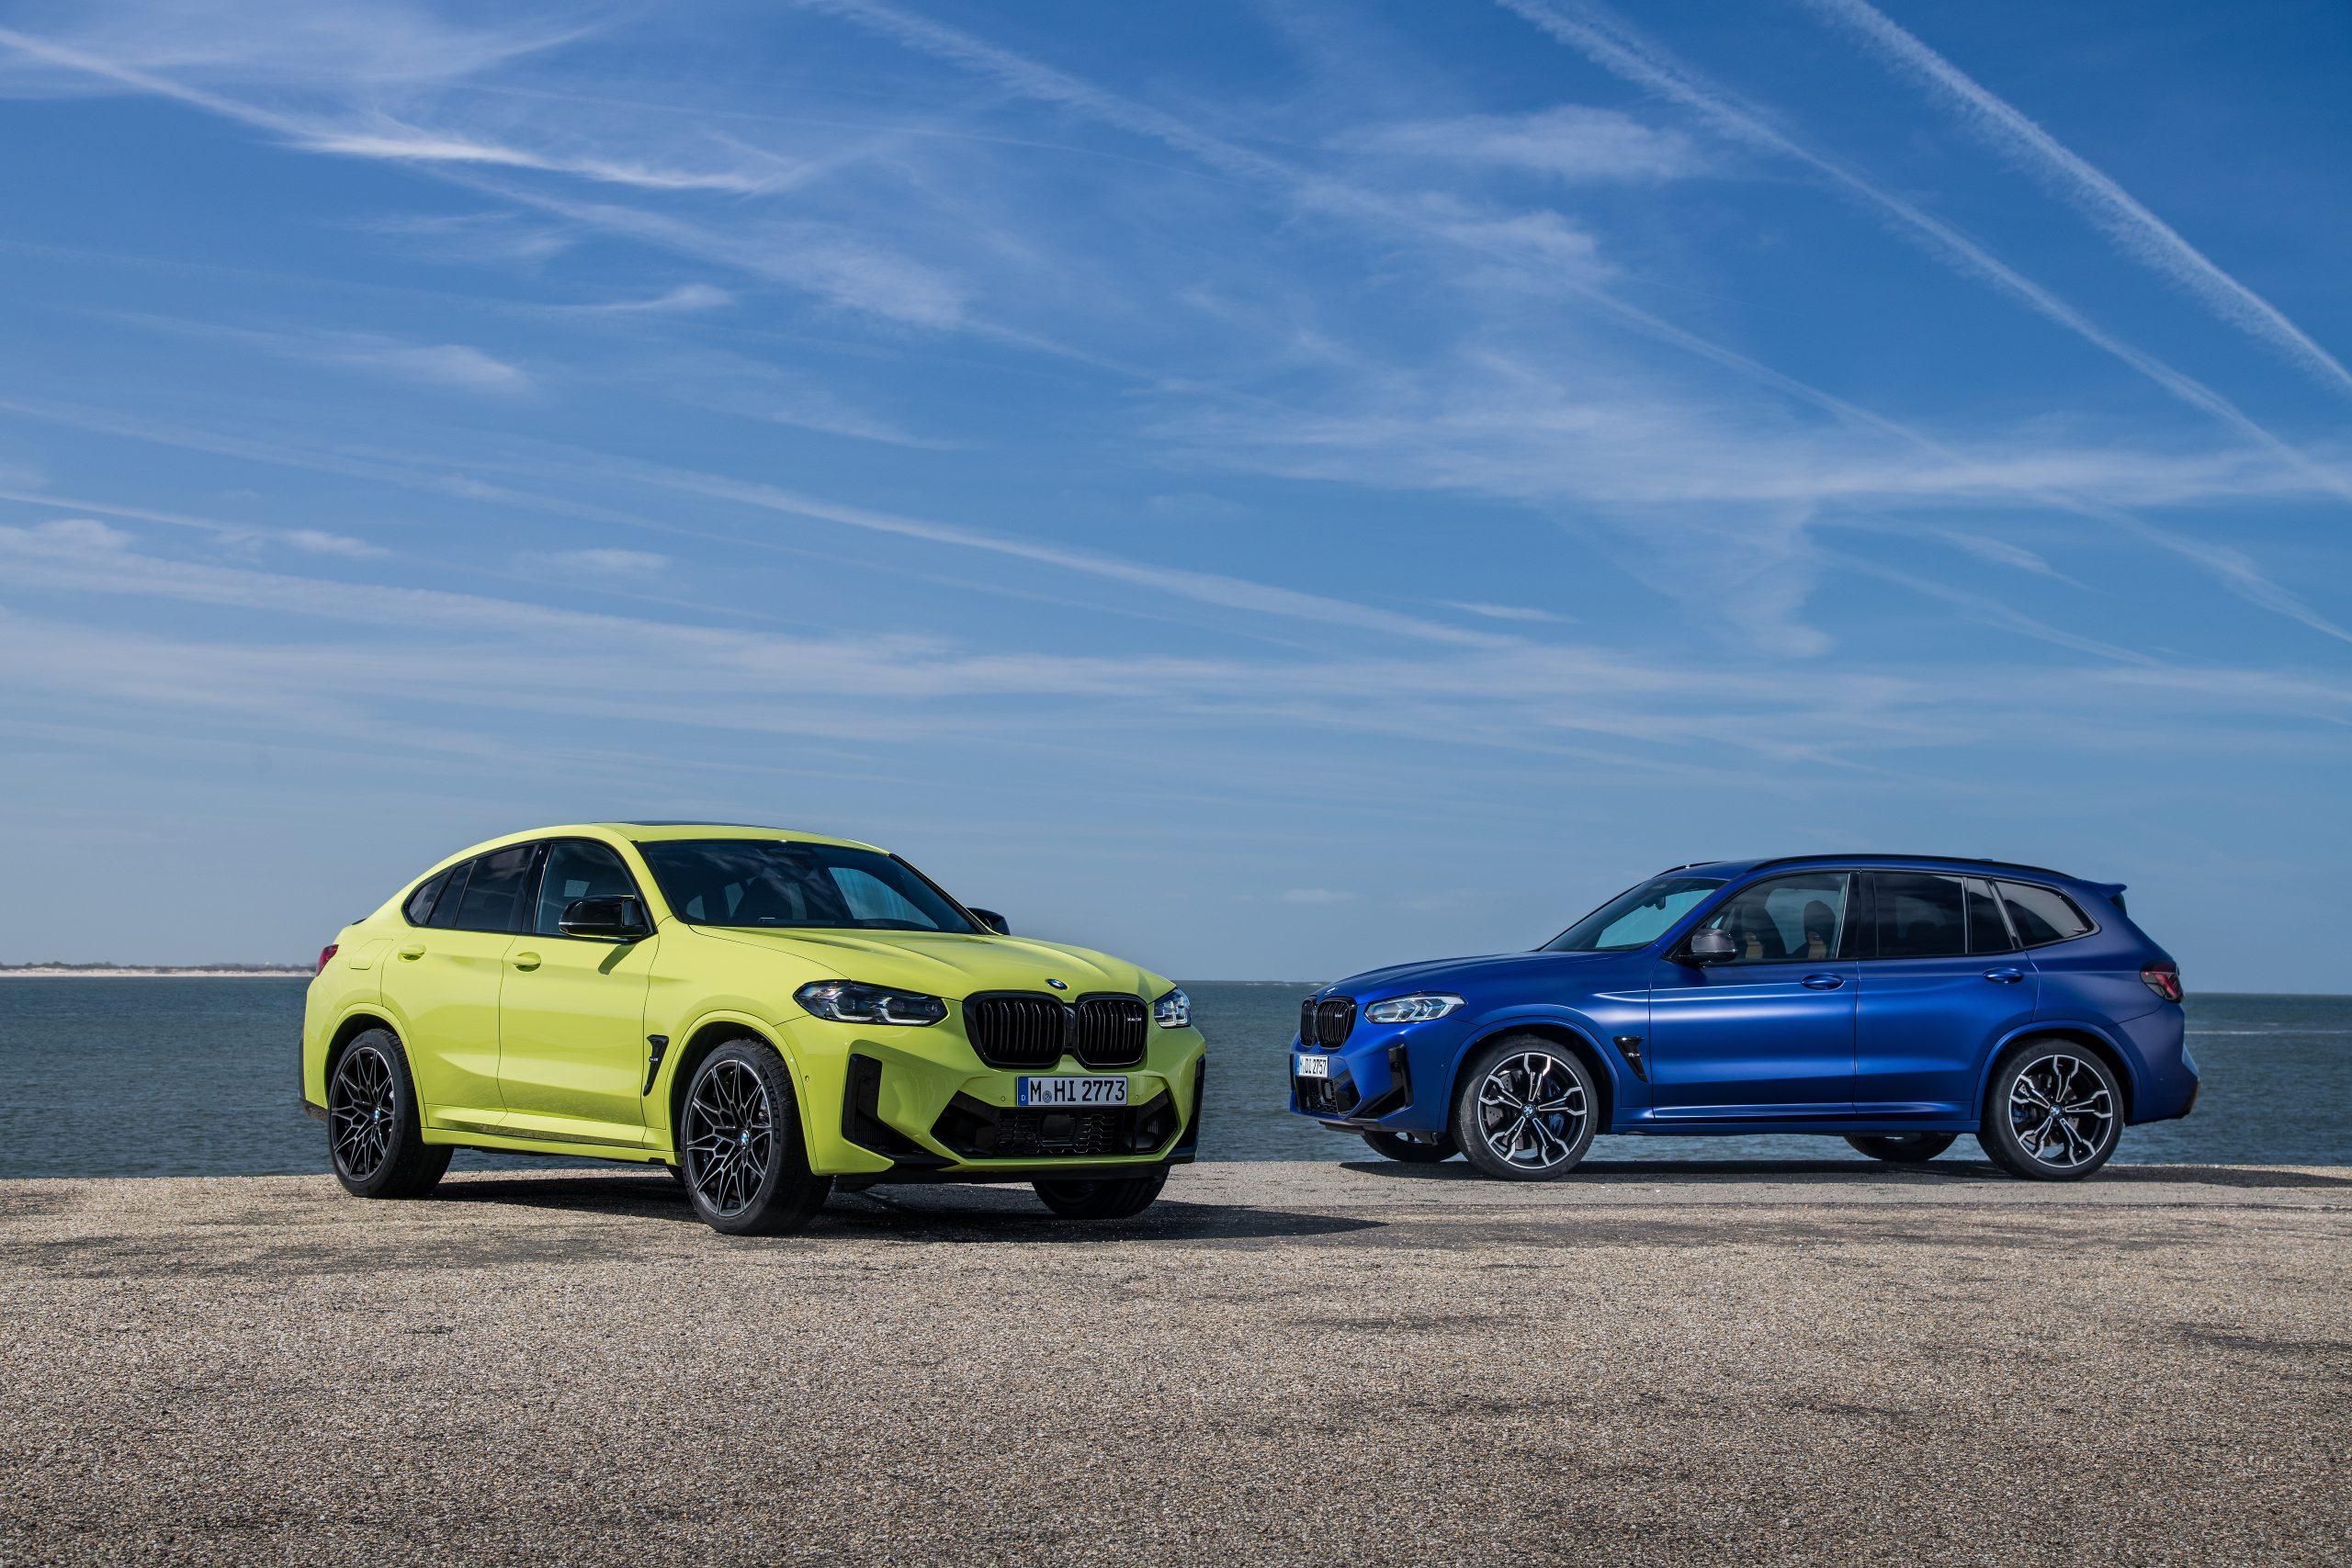 P90423931 highRes scaled Ιδού οι νέες BMW X3 M Competition και BMW X4 M Competition BMW, BMW M, BMW X3, BMW X4, SUV, X3 M, X4 M, ειδήσεις, Νέα